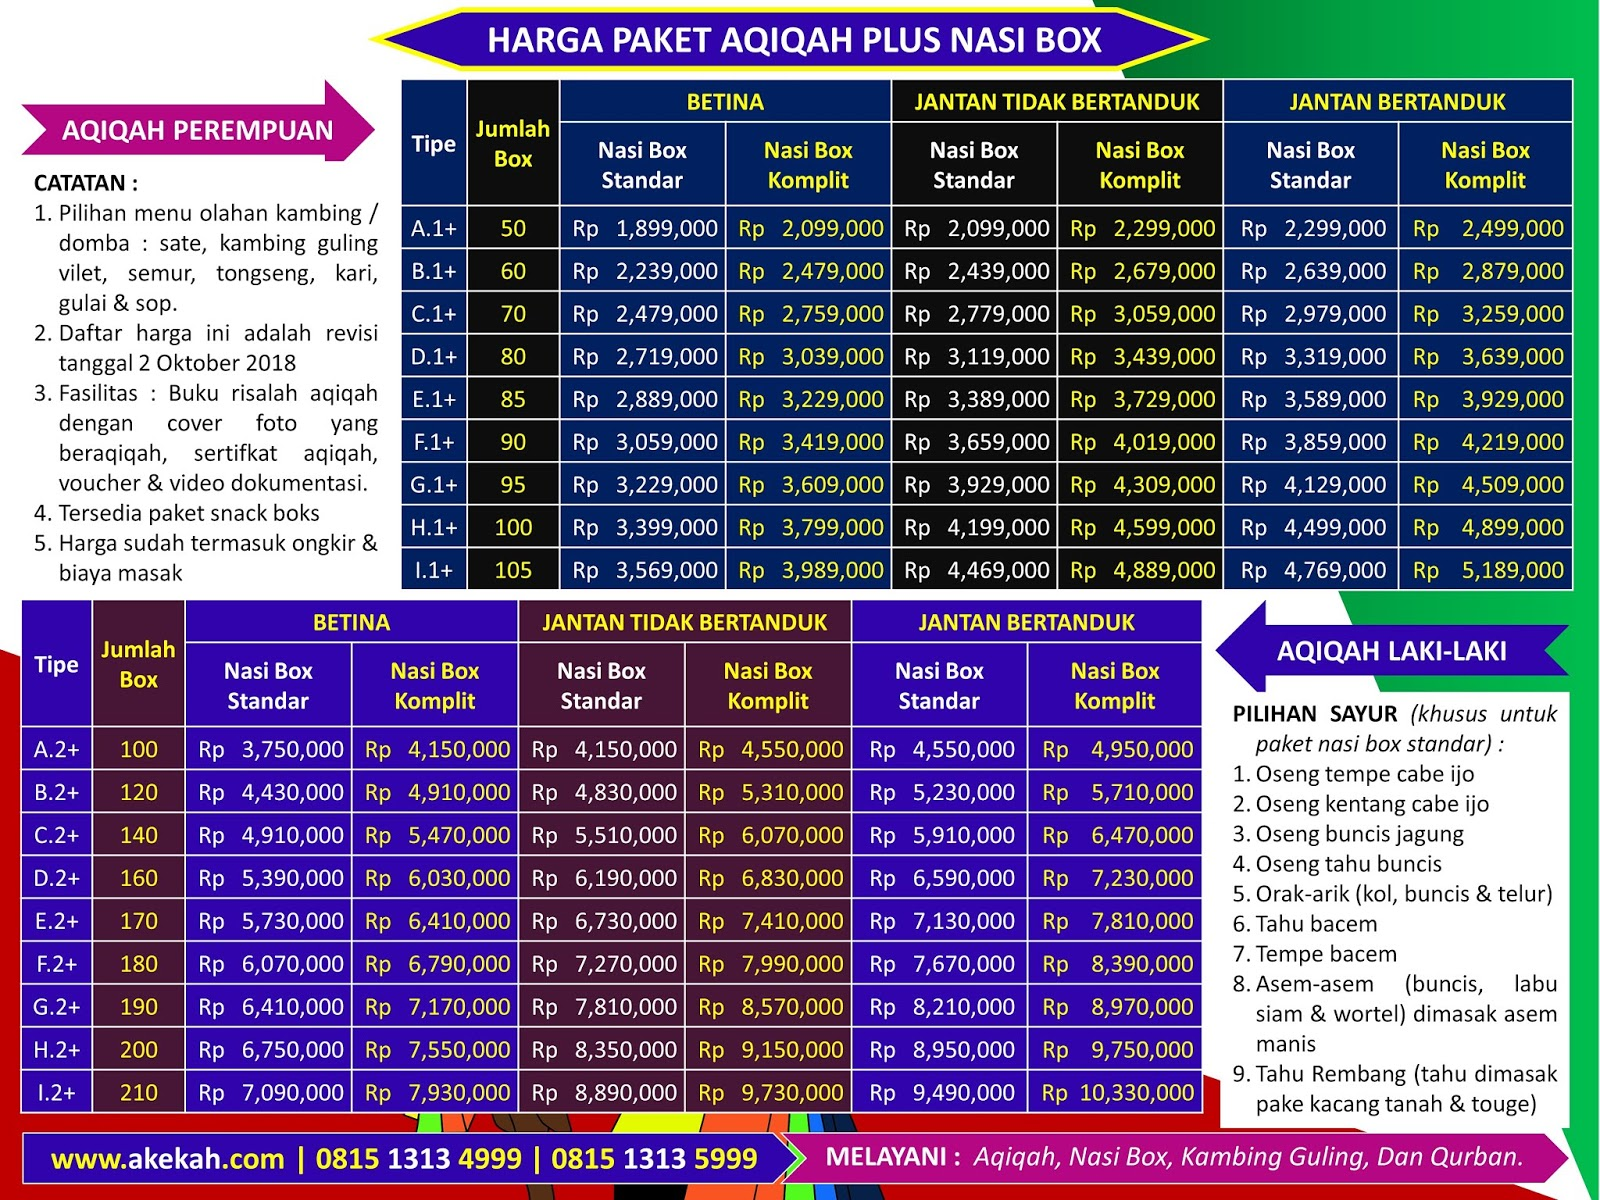 Harga Akikah Dan Catering Plus Untuk Anak Laki-Laki Di Daerah Kabupaten Bogor Jawa Barat